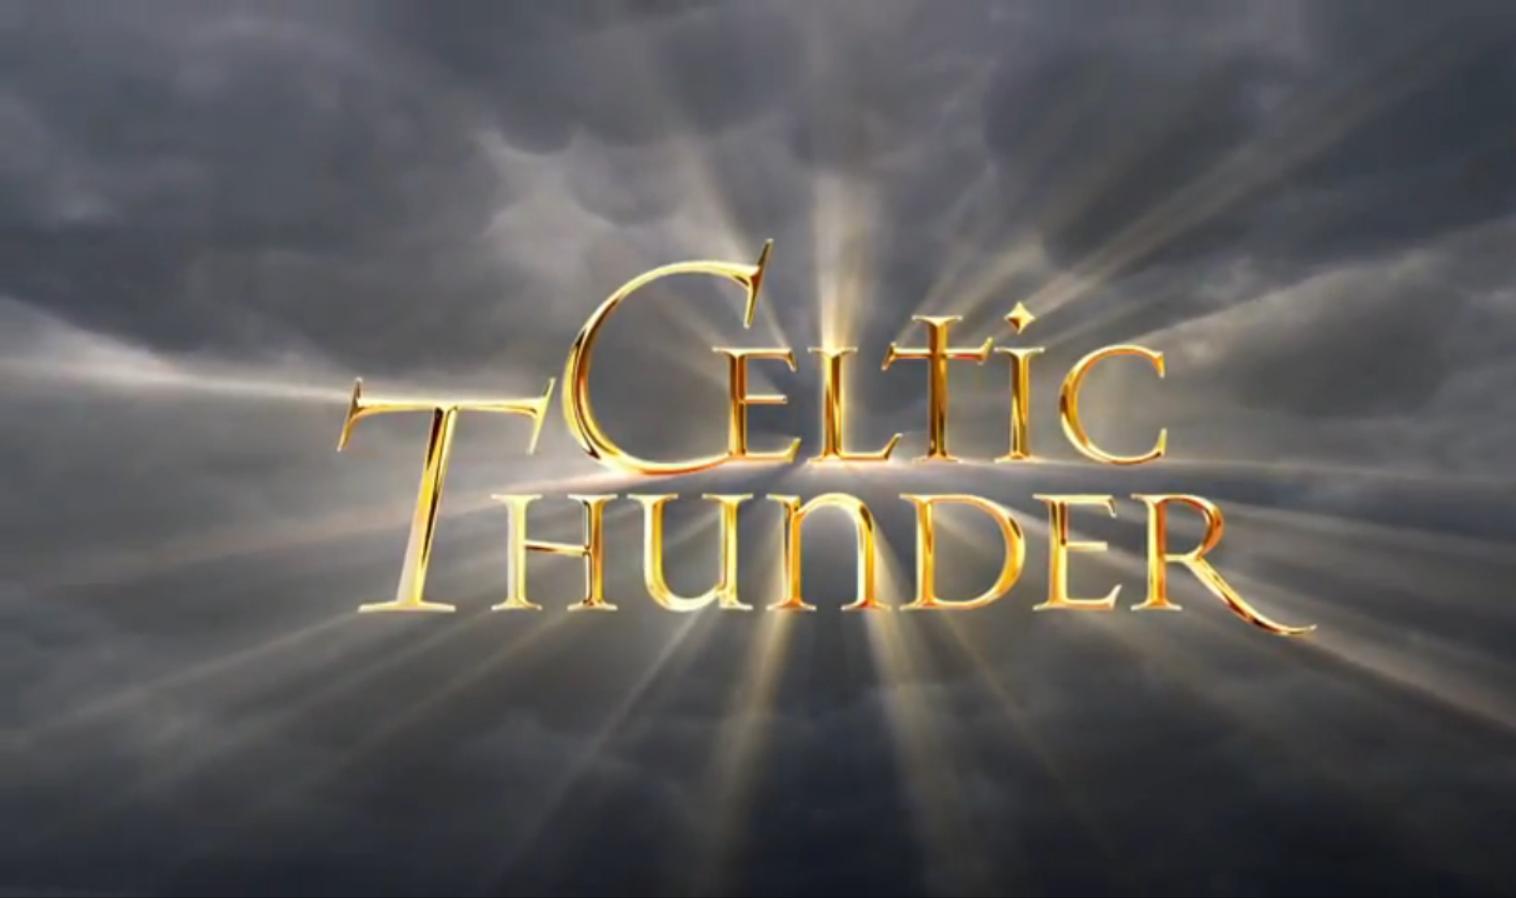 Celtic Thunder Storm sreencaps